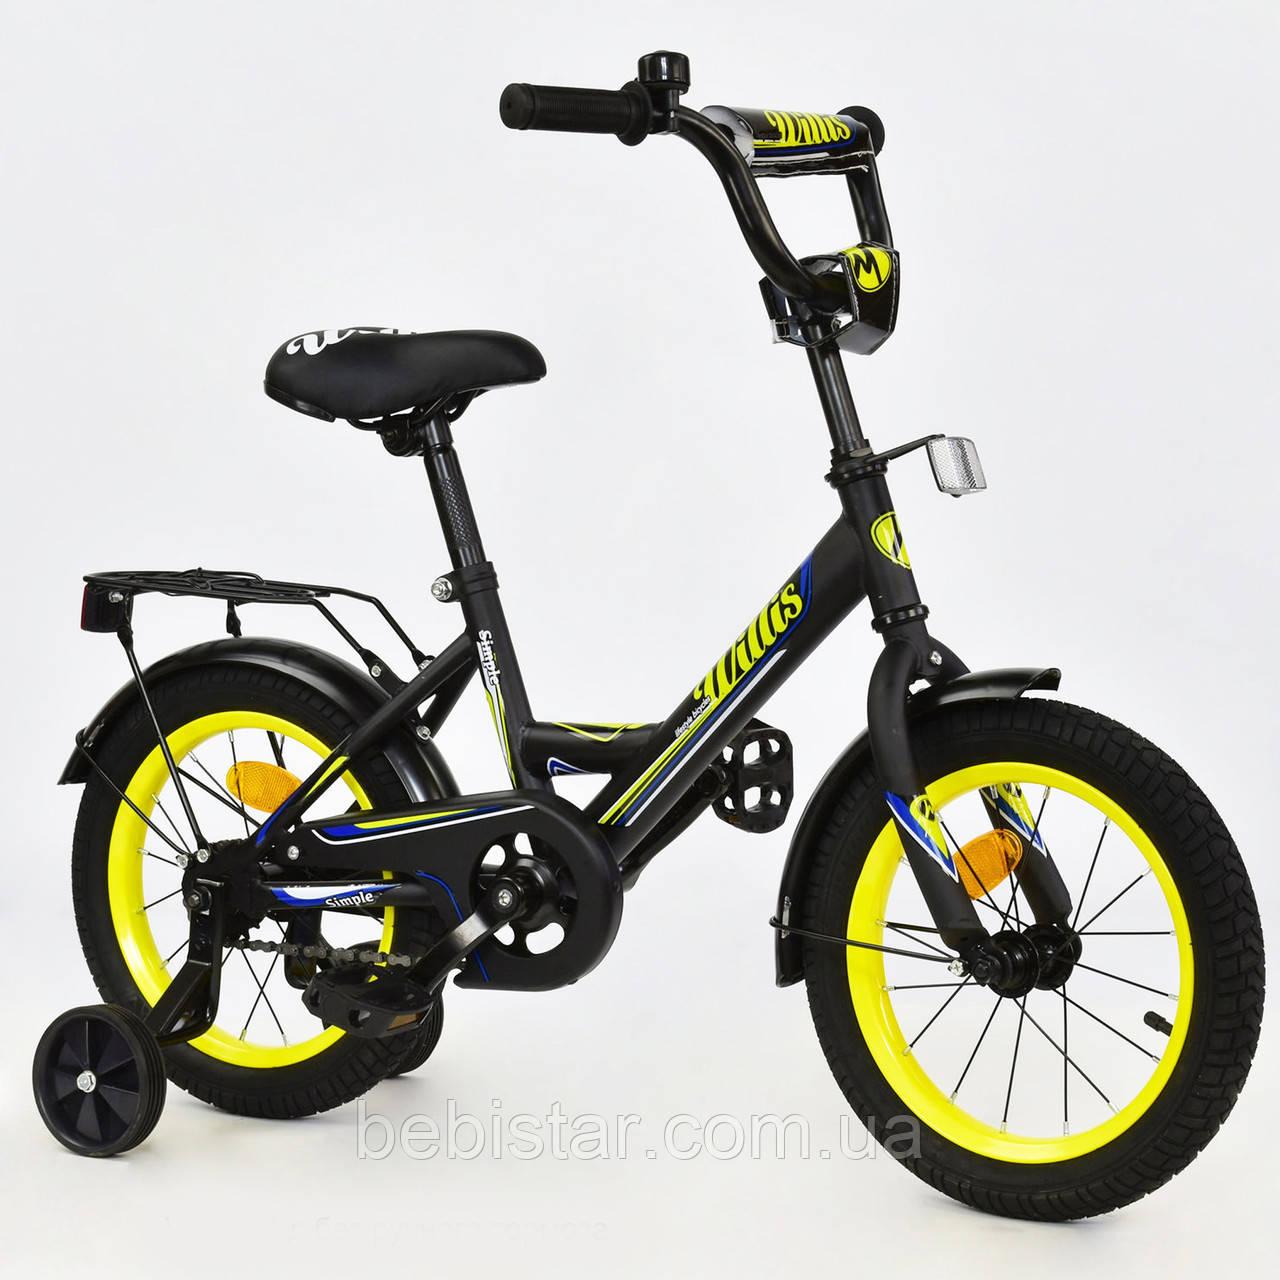 """Двухколесный велосипед  WILLIS 14"""" R 1416 детям 3-5 лет цвет черный"""